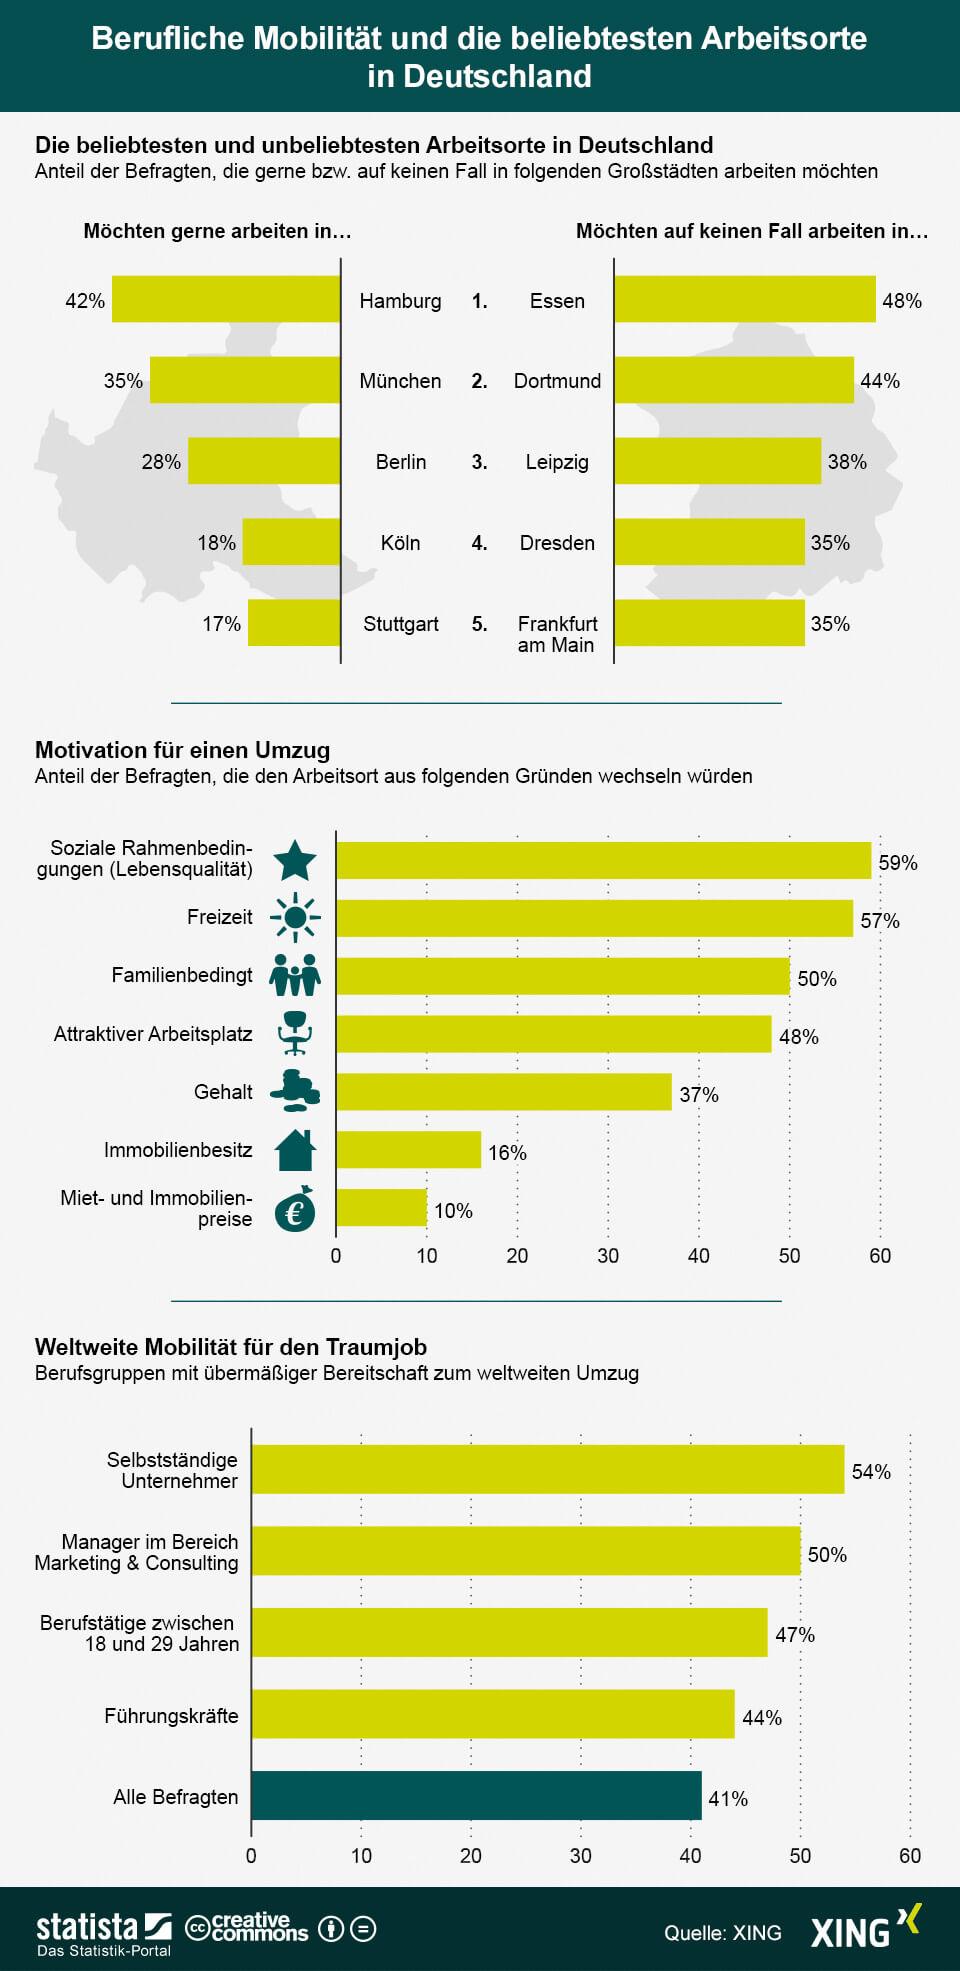 Wo würden die Deutschen beruflich bedingt am liebsten hinziehen ?, fragte XING.